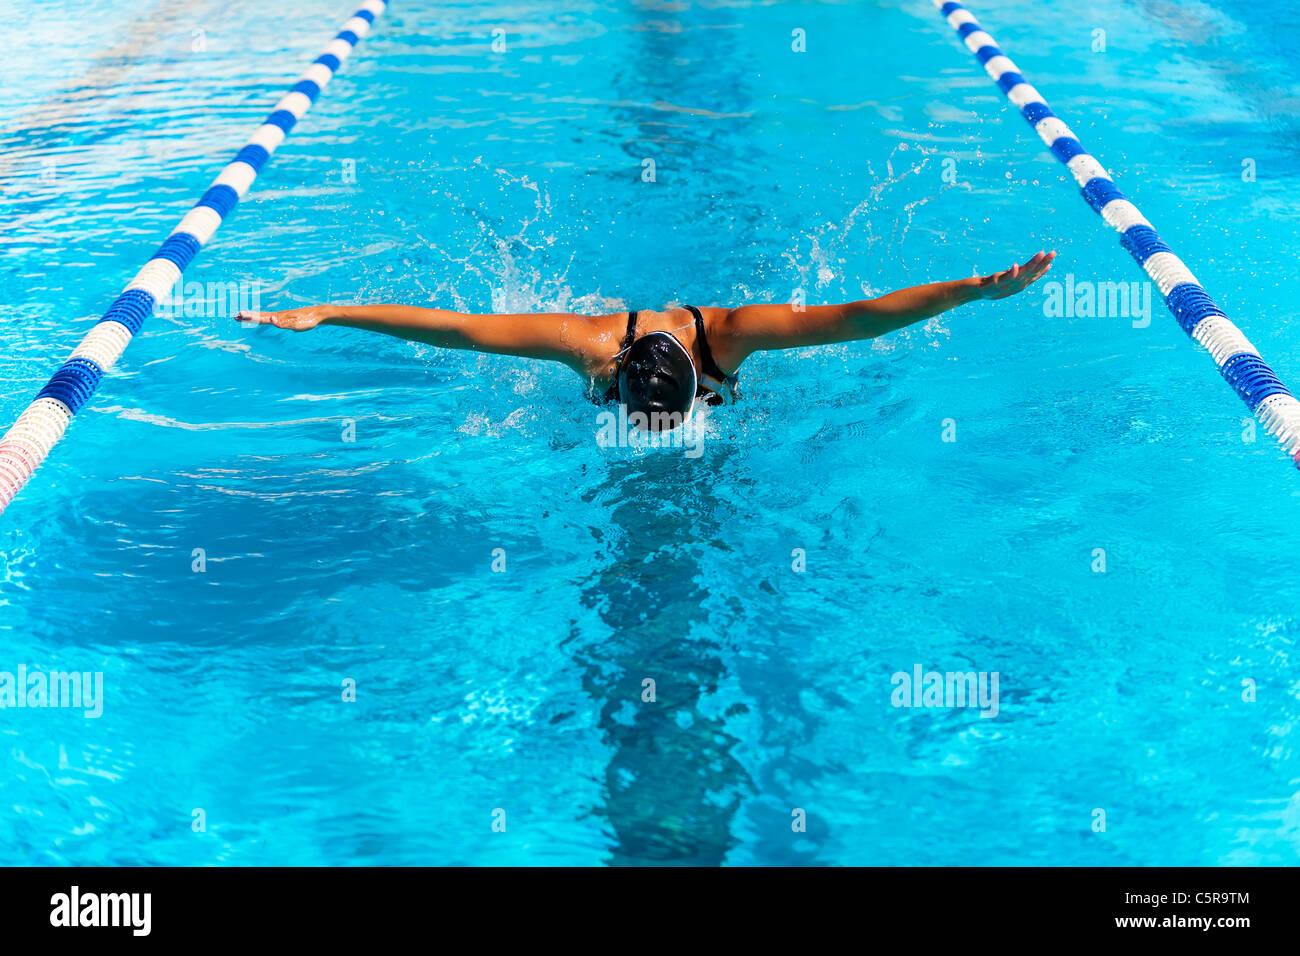 Un nageur ne le papillon. Photo Stock